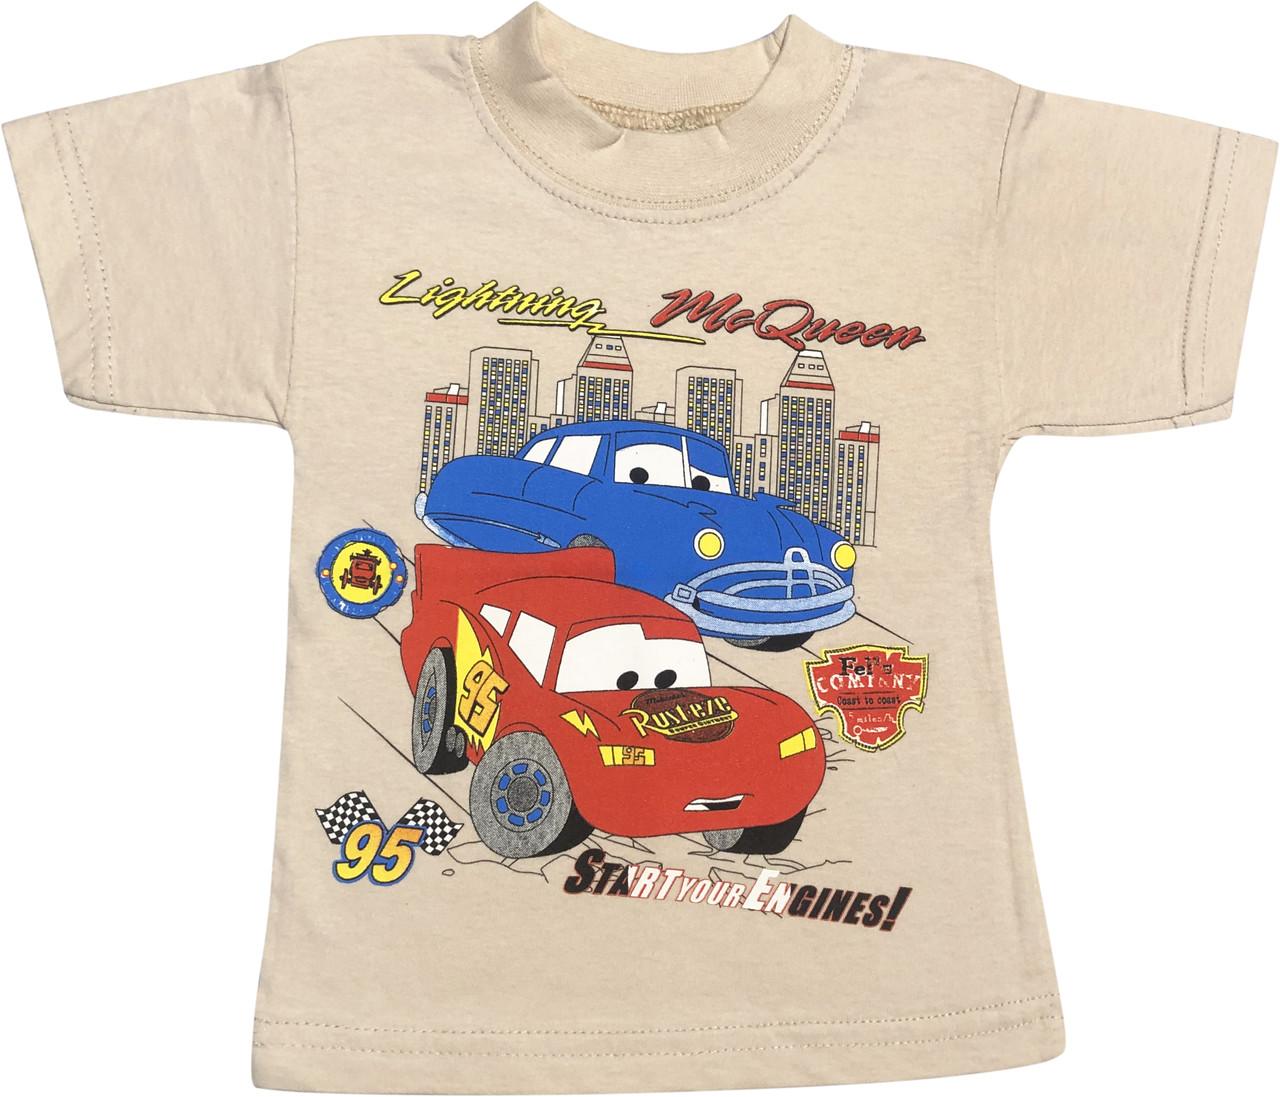 Детская футболка на мальчика рост 86 1-1,5 года для новорожденных с принтом рисунком Тачки трикотажная бежевая